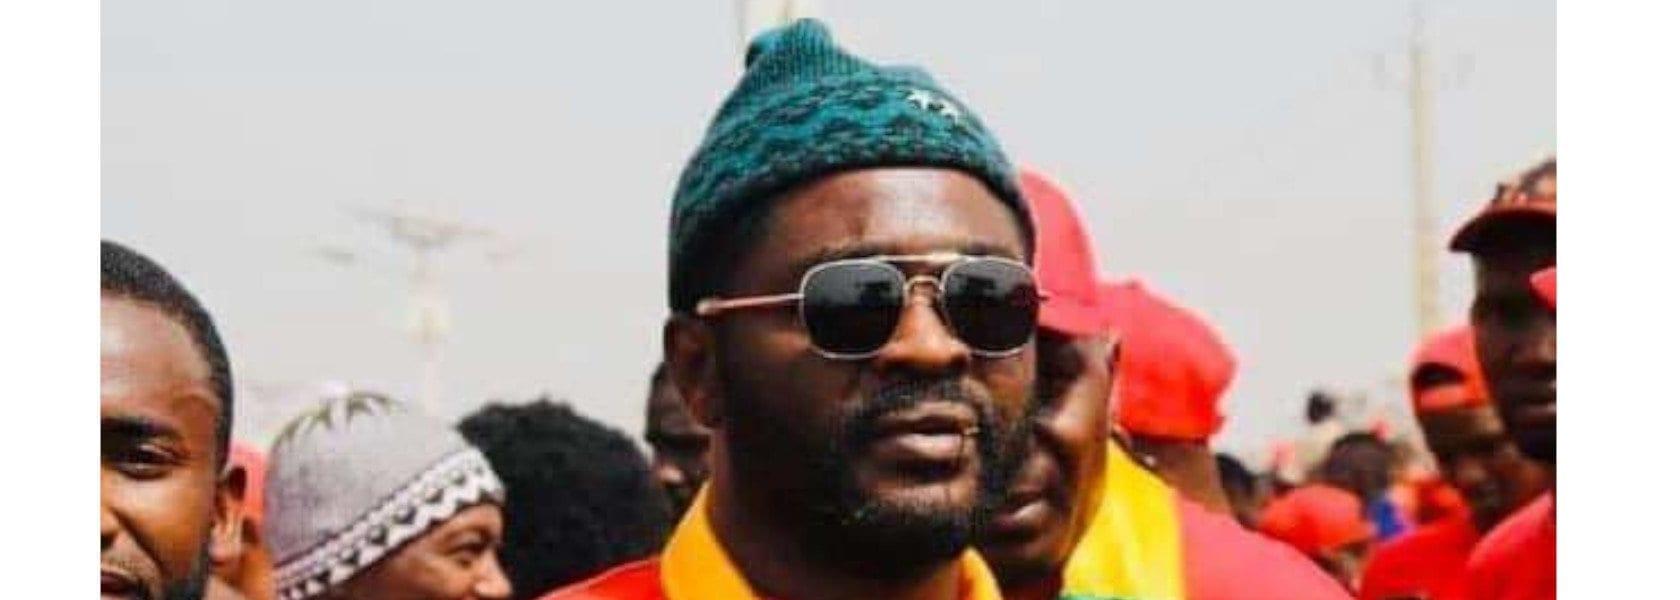 Guinée : 3 Ans De Prison Fermes Pour Le Militant Oumar Sylla